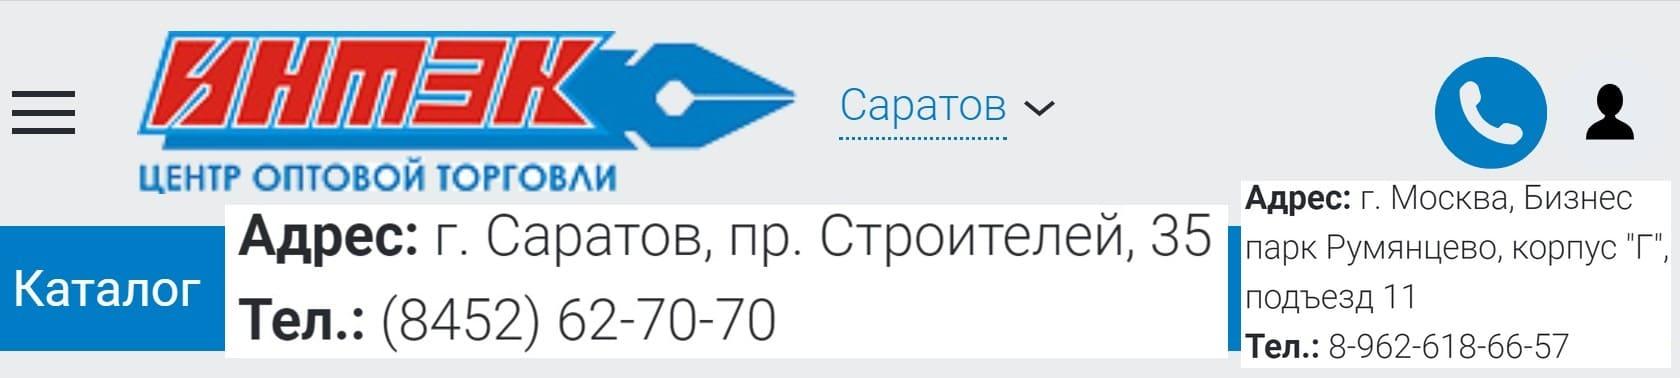 Интек Саратов личный кабинет